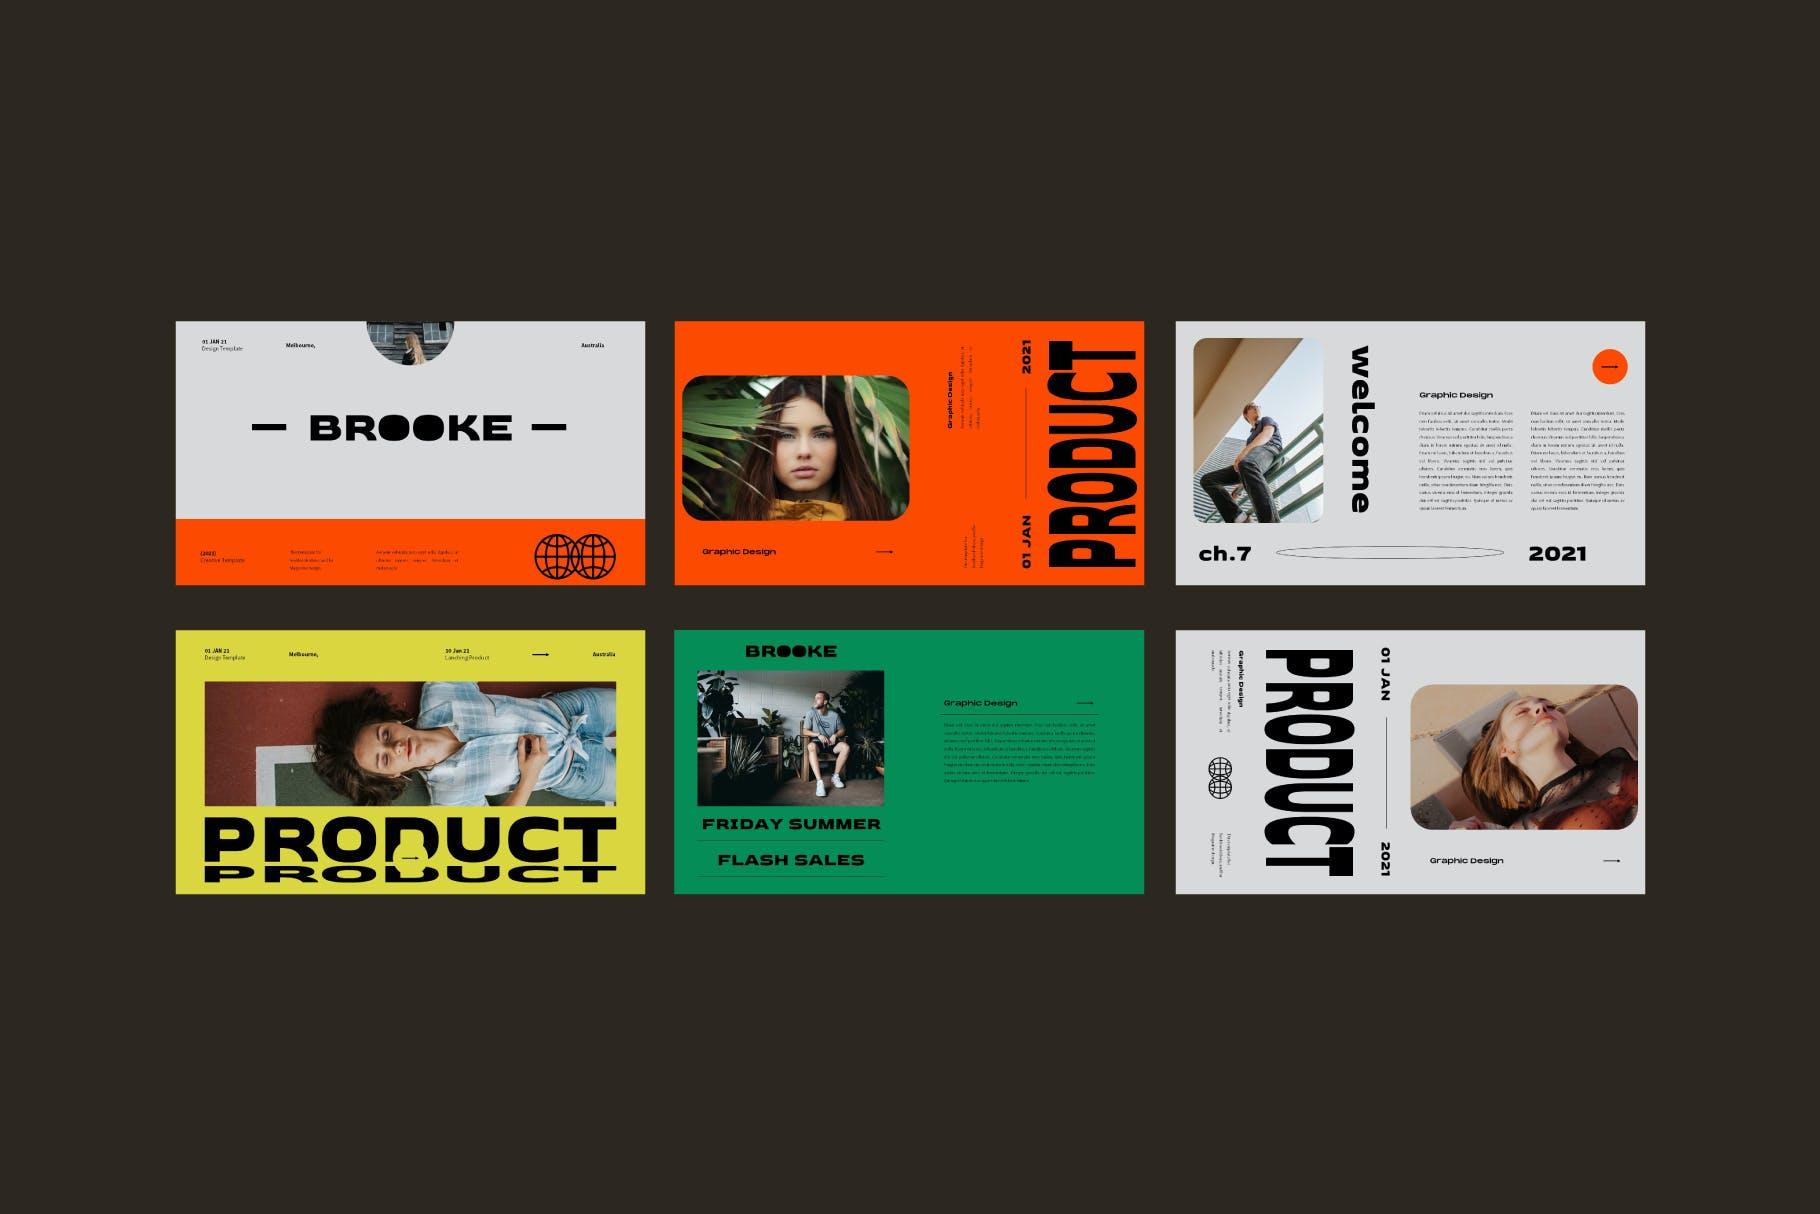 时尚潮流品牌策划案提案简报设计演示文稿模板 Brooke Powerpoint Template插图8